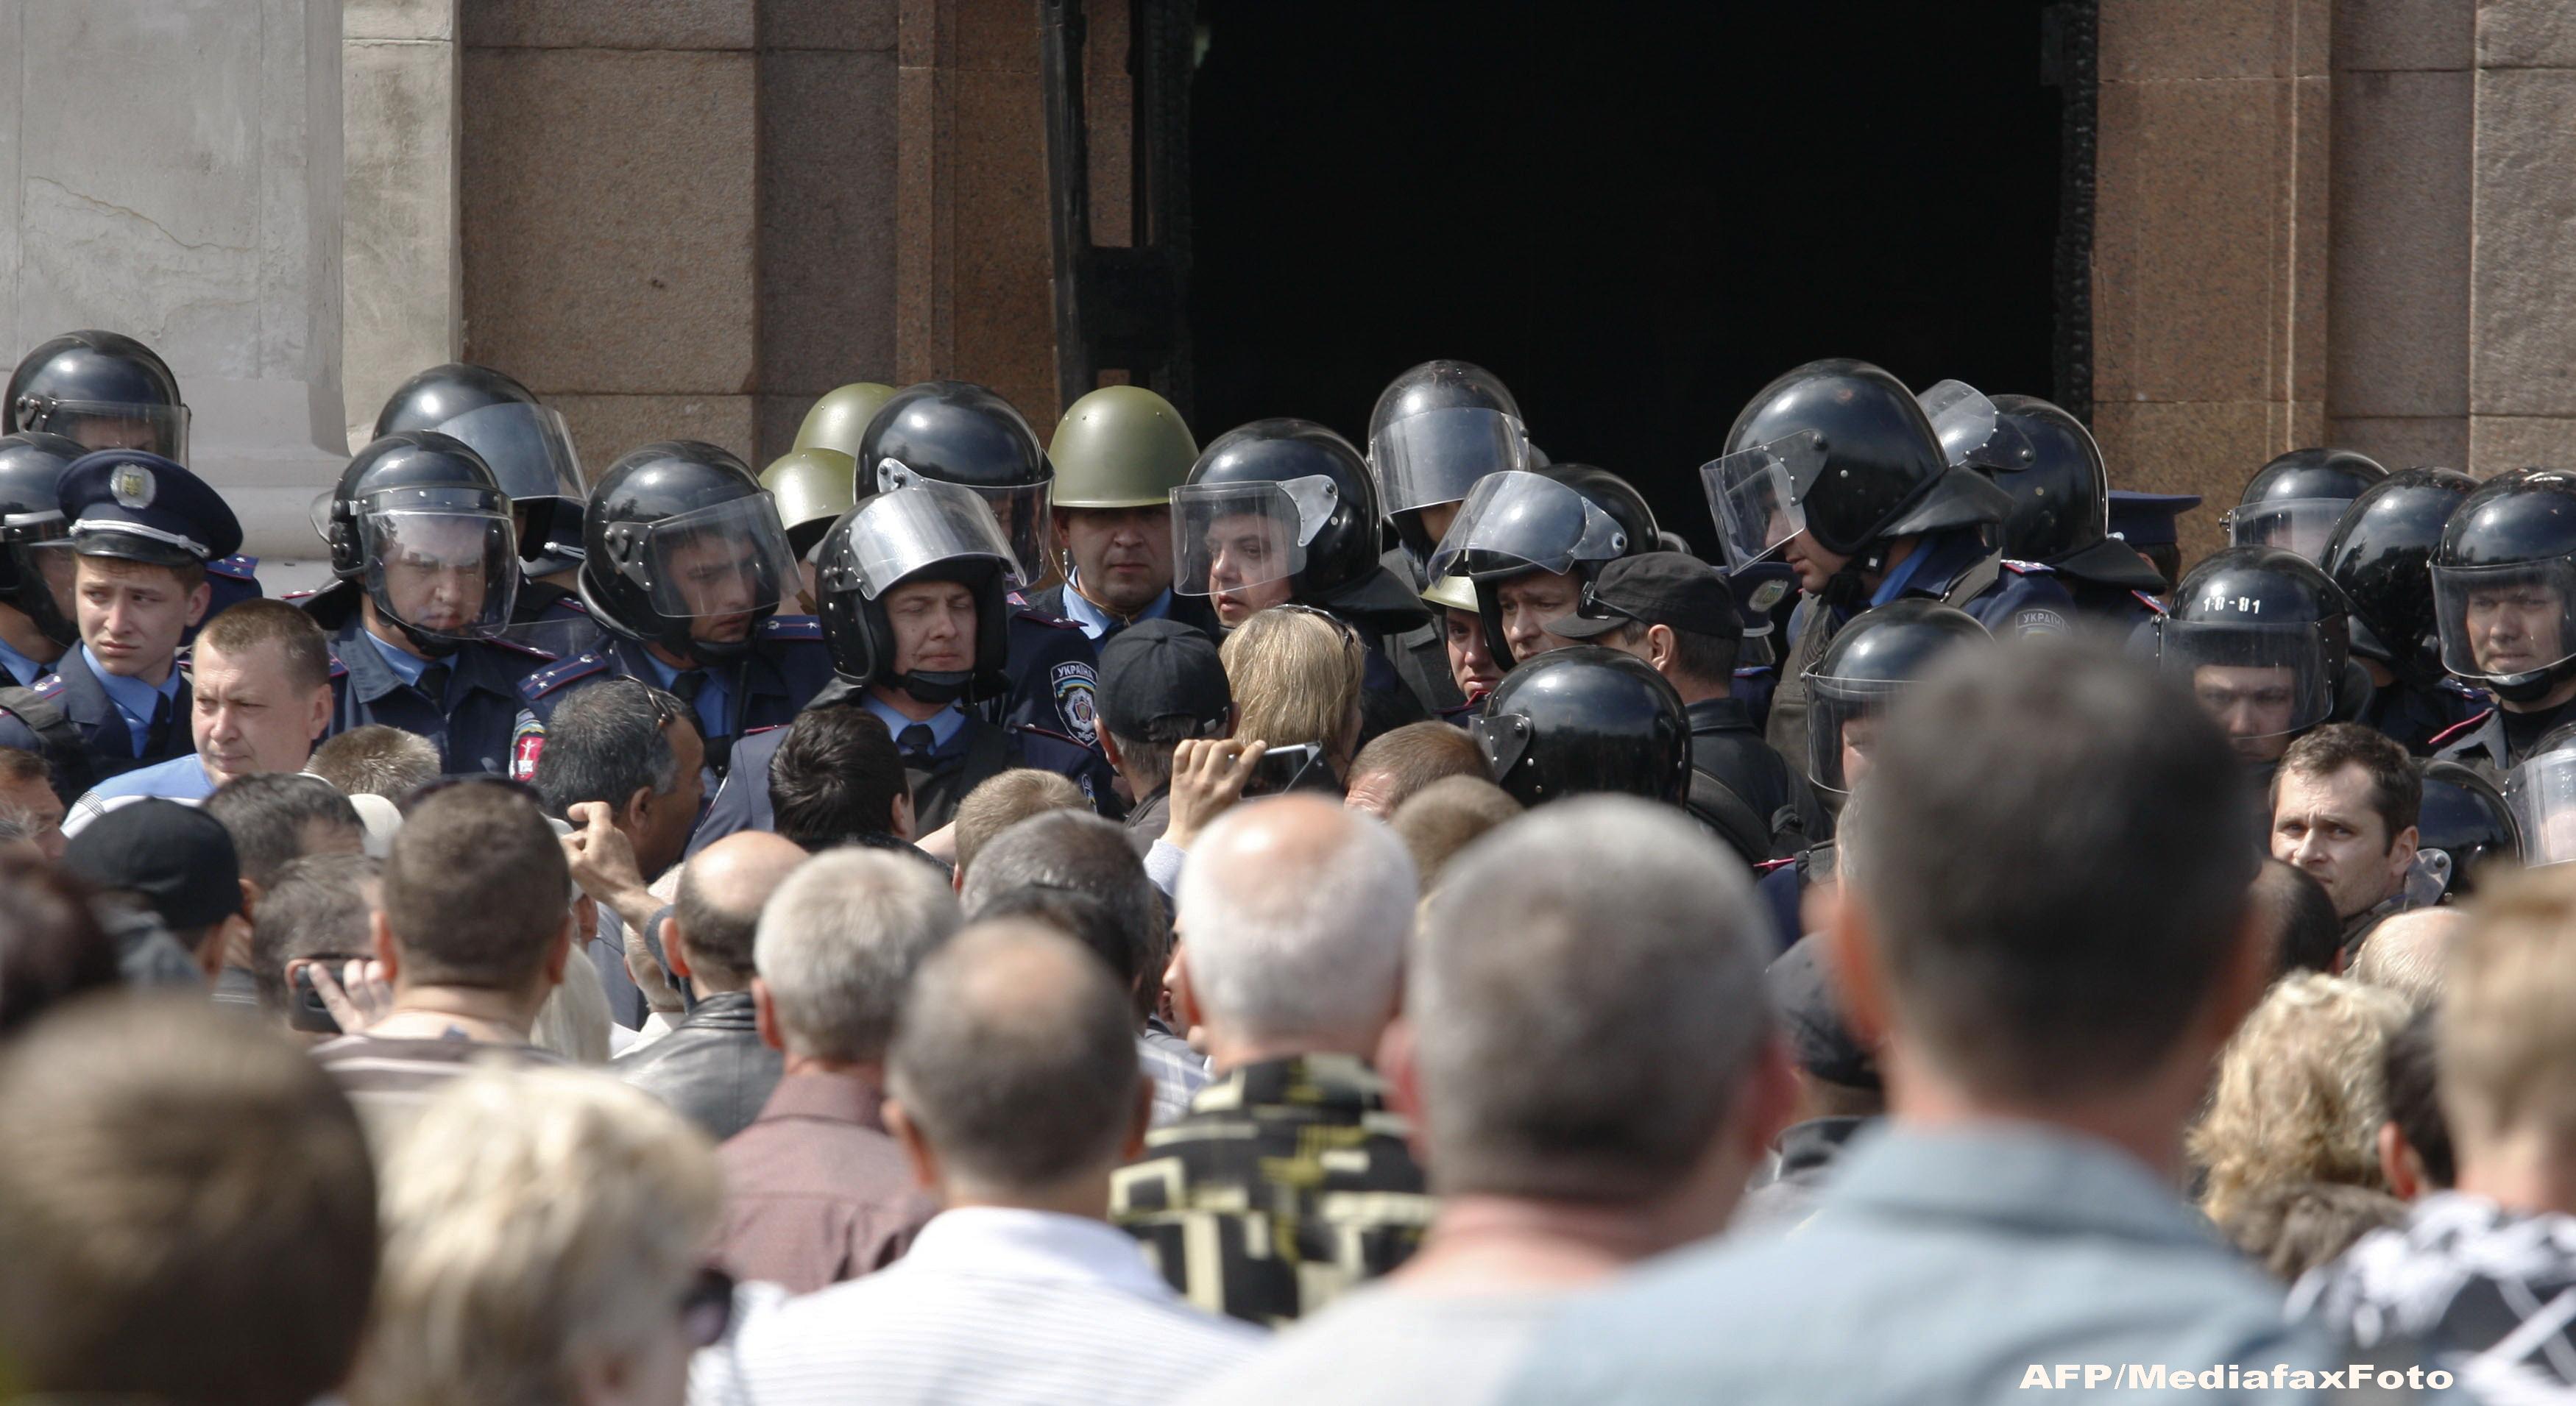 Criza in Ucraina. Violentele din Odesa au fost organizate de Viktor Ianukovici, acuza Serviciul Ucrainean de Securitate